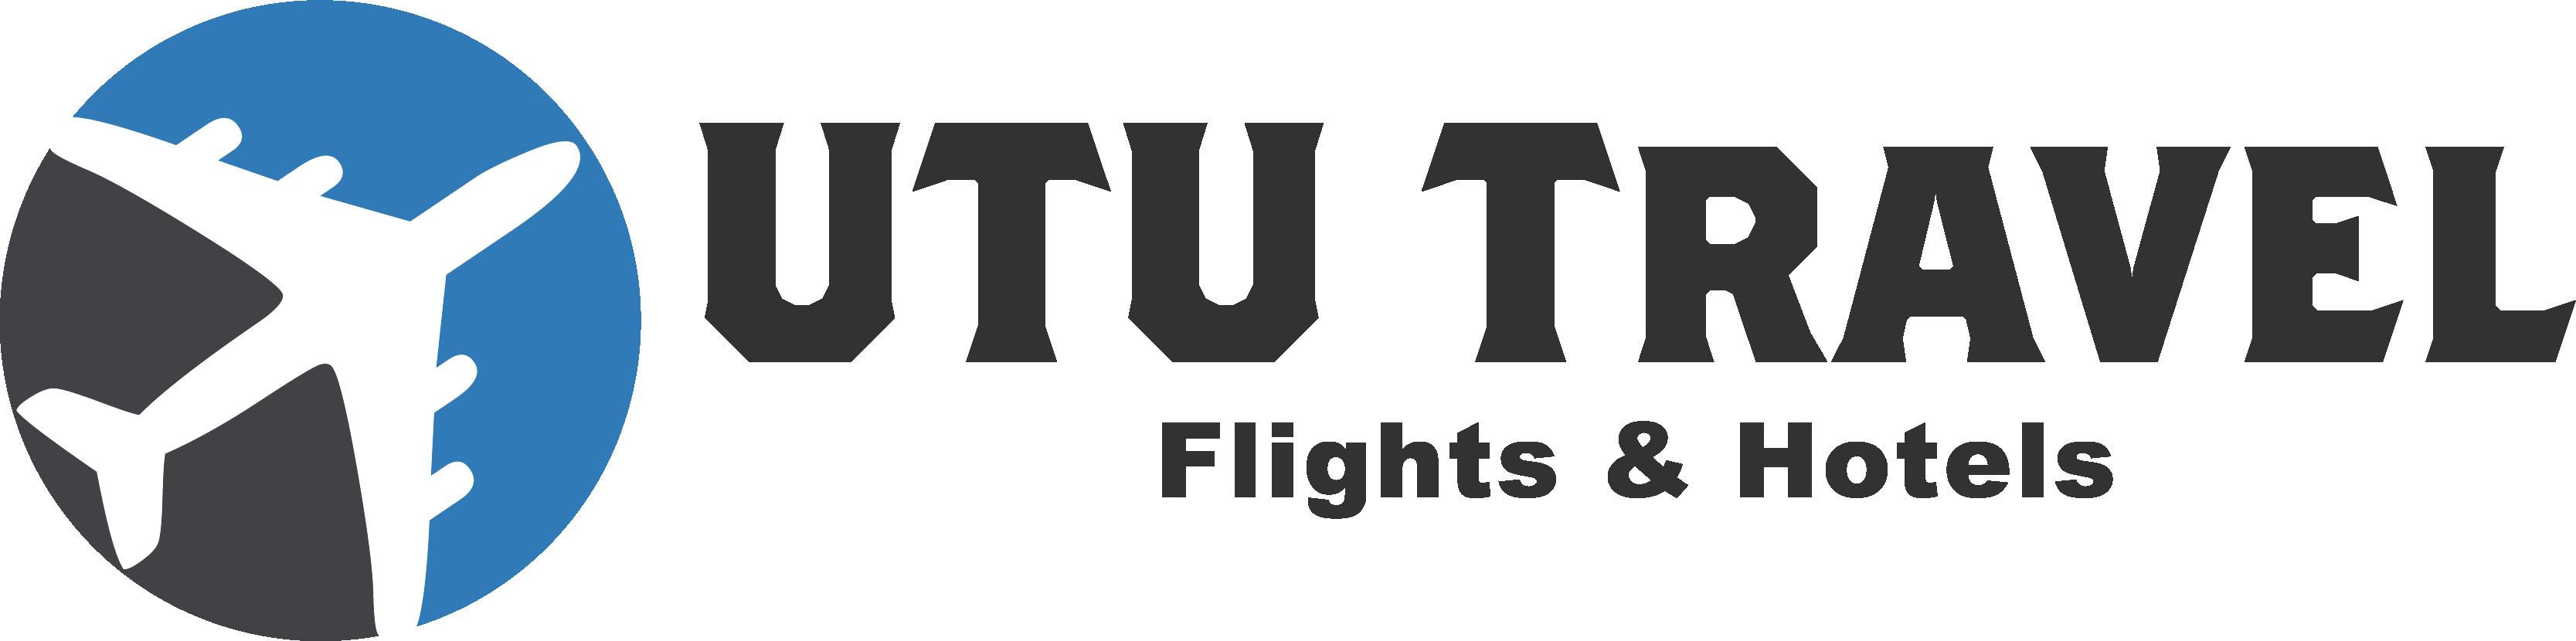 UTU Travel